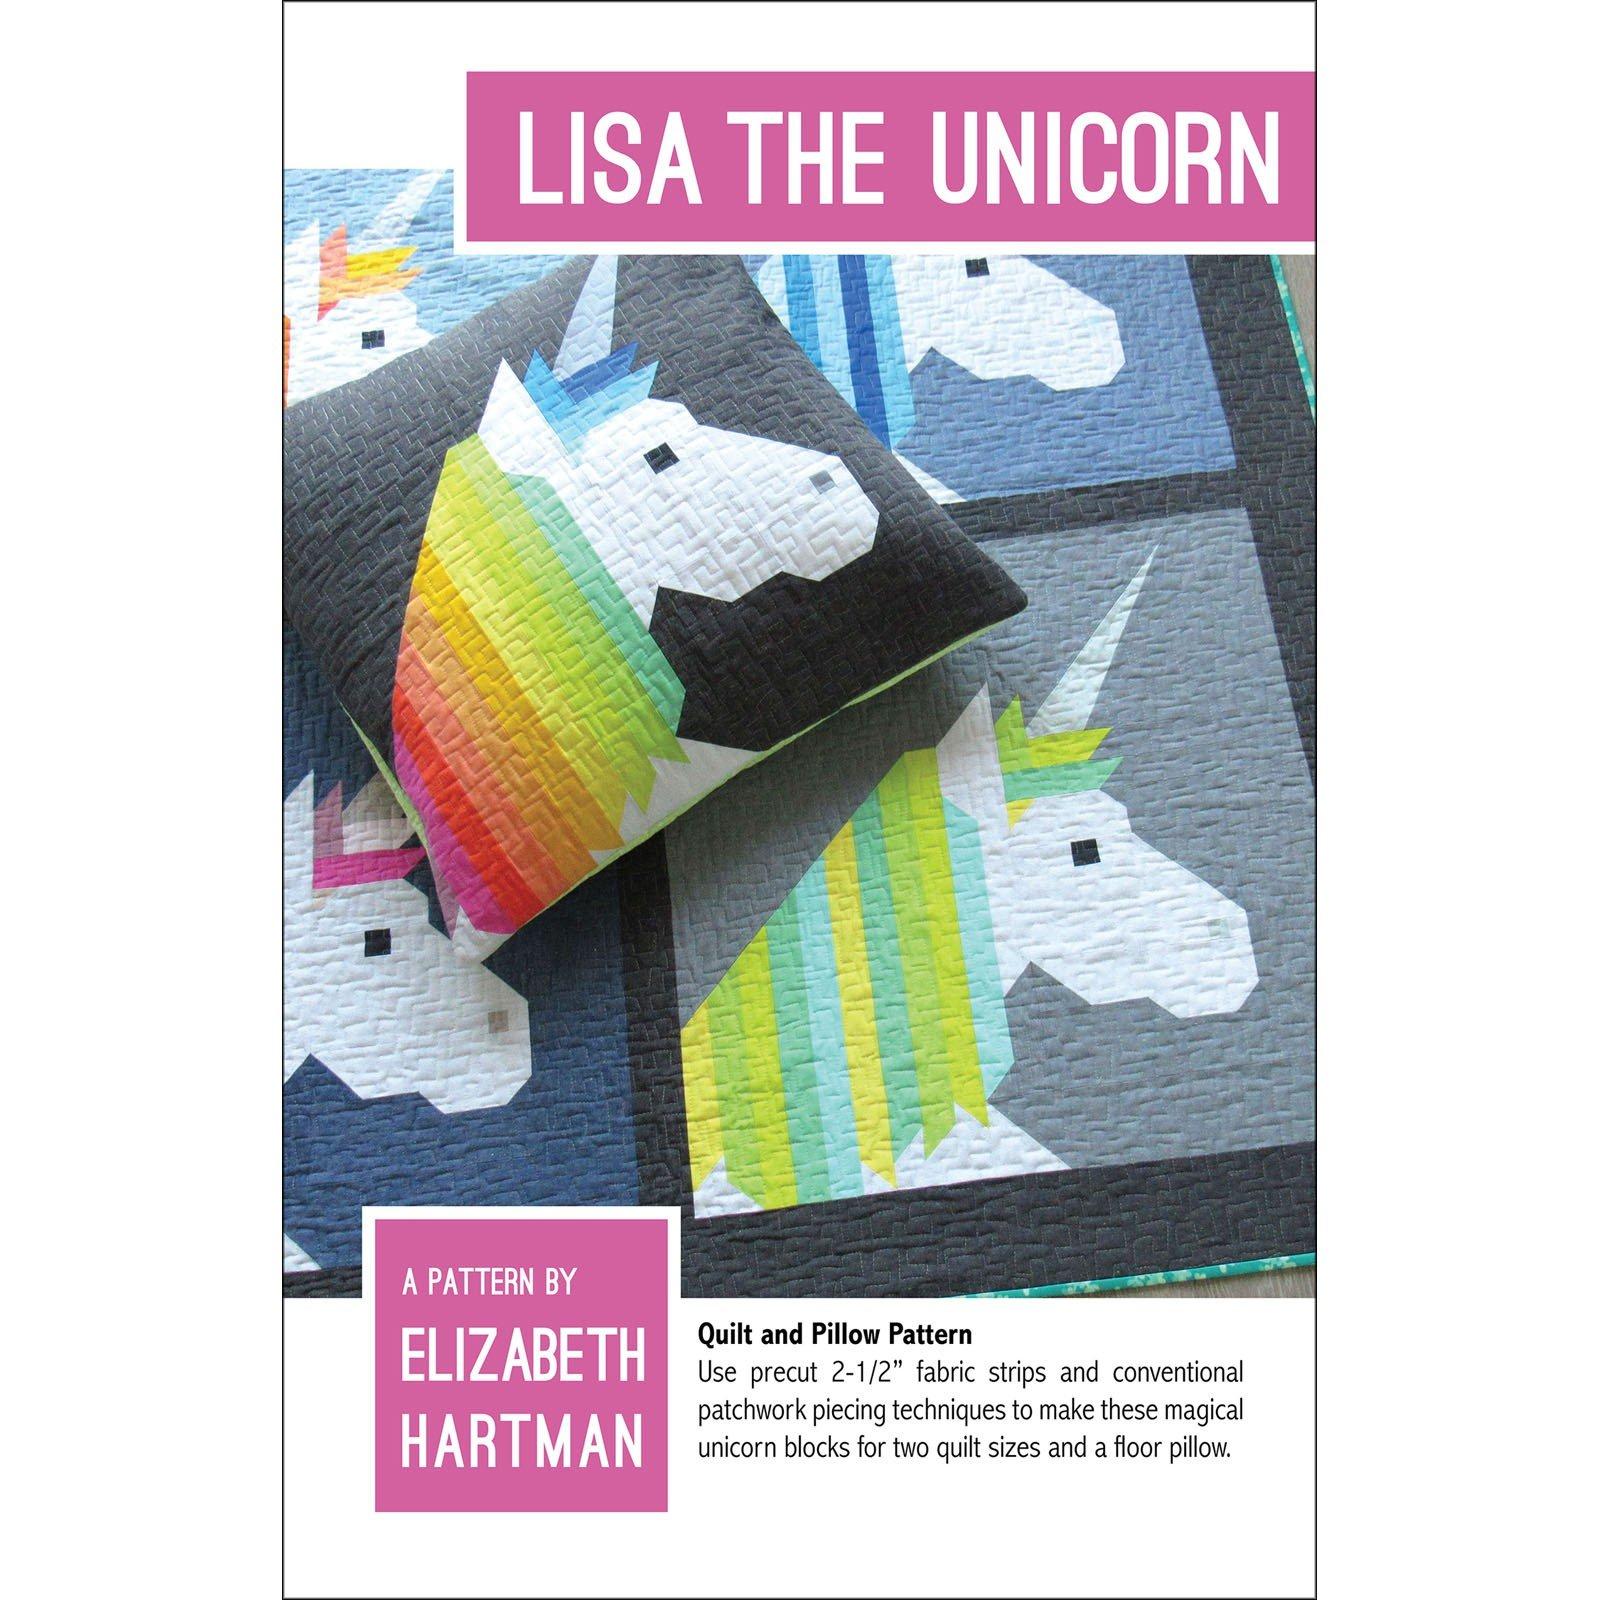 Lisa The Unicorn - Pattern by Elizabeth Hartman